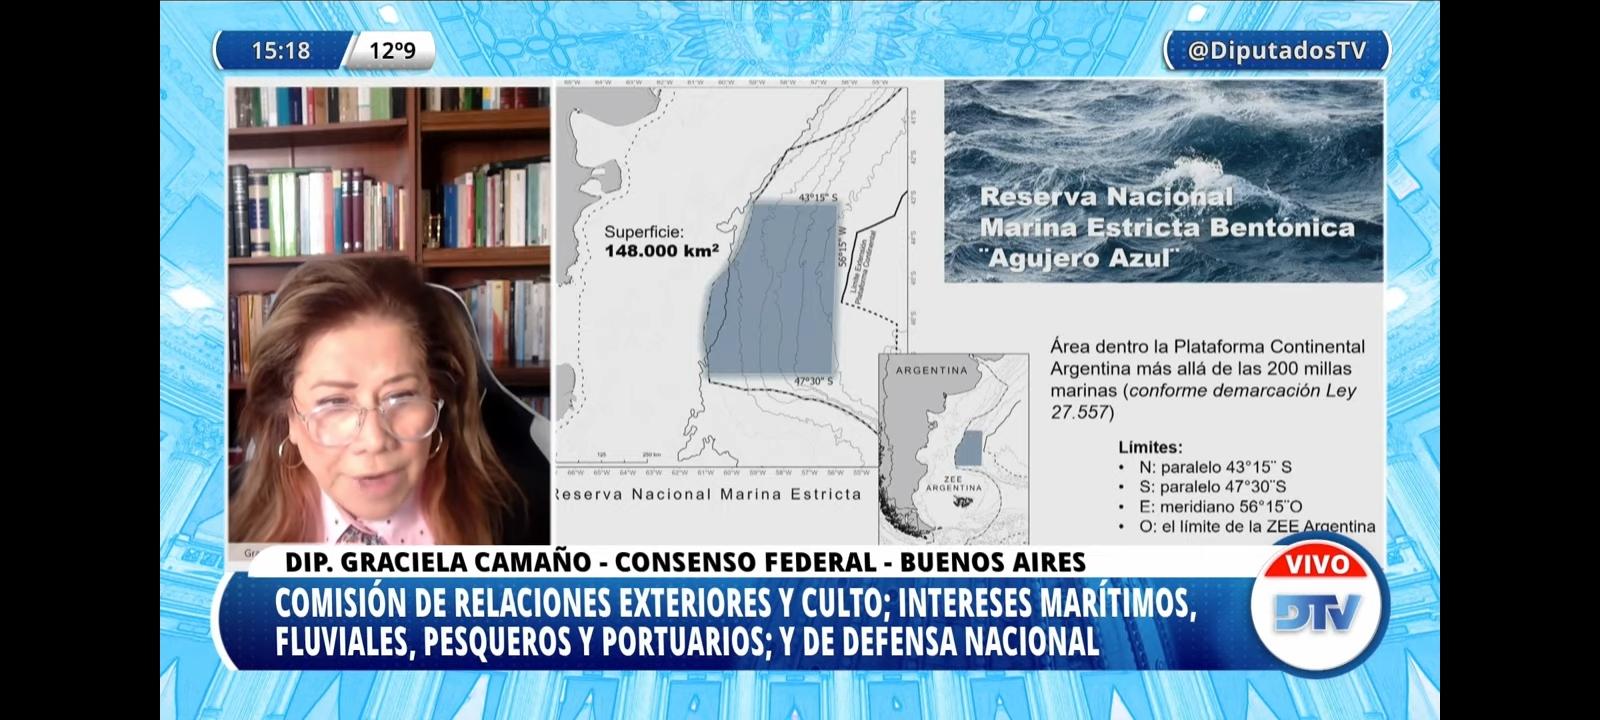 Diputados analiza la creación del área marina protegida Agujero Azul